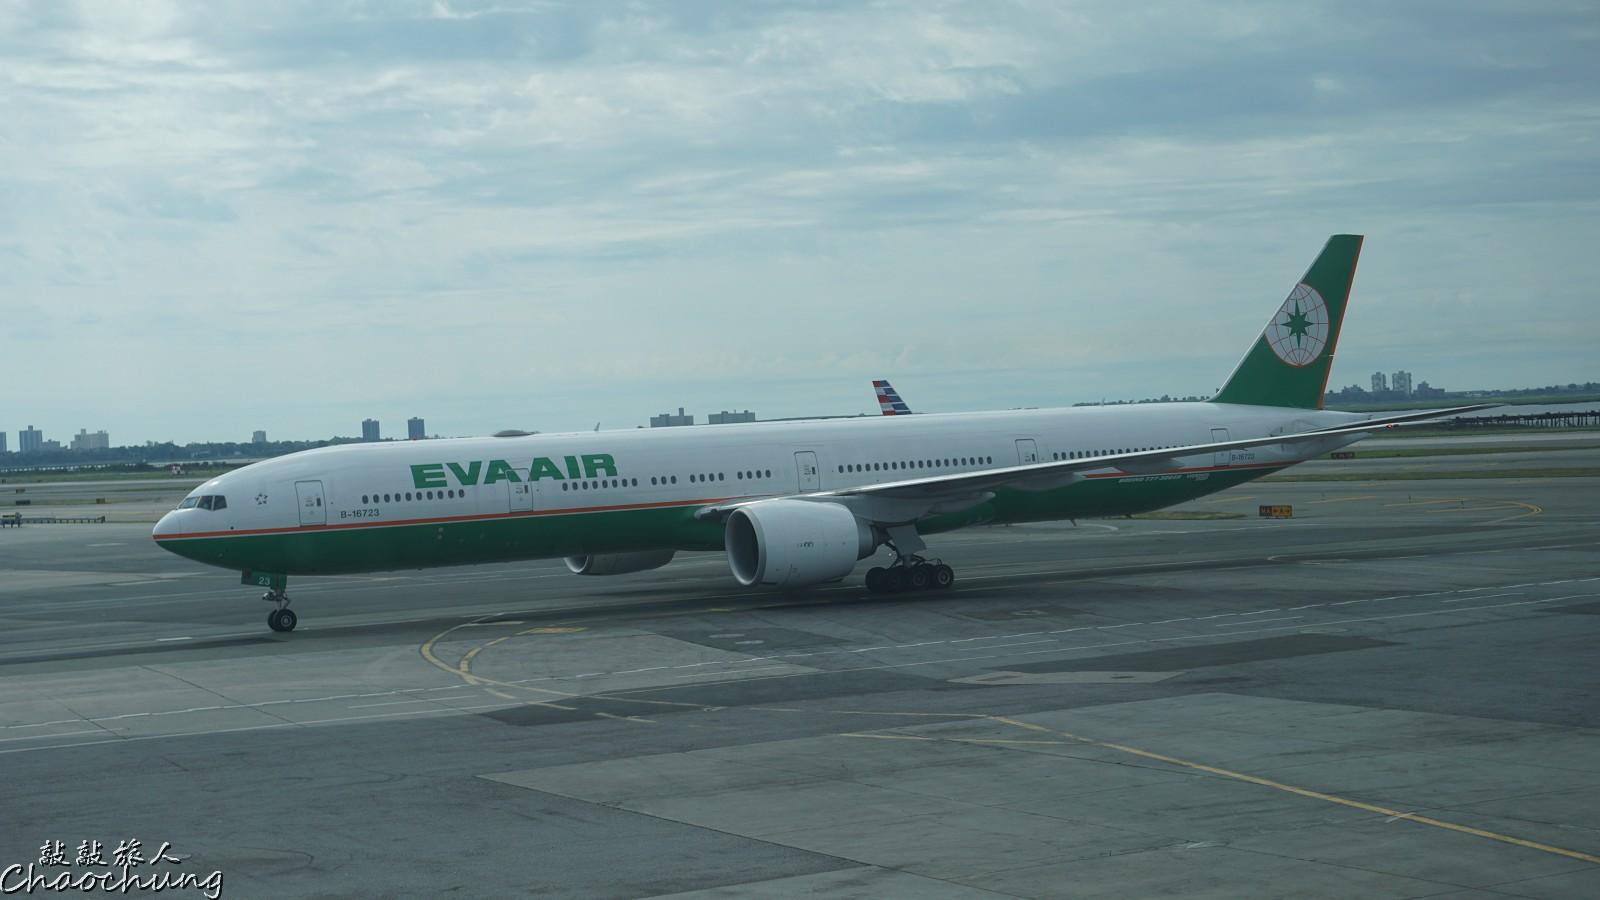 飛行紀錄 2016/8/16 長榮航空 EVA Air 777-300ER 紐約-台北 JFK-TPE